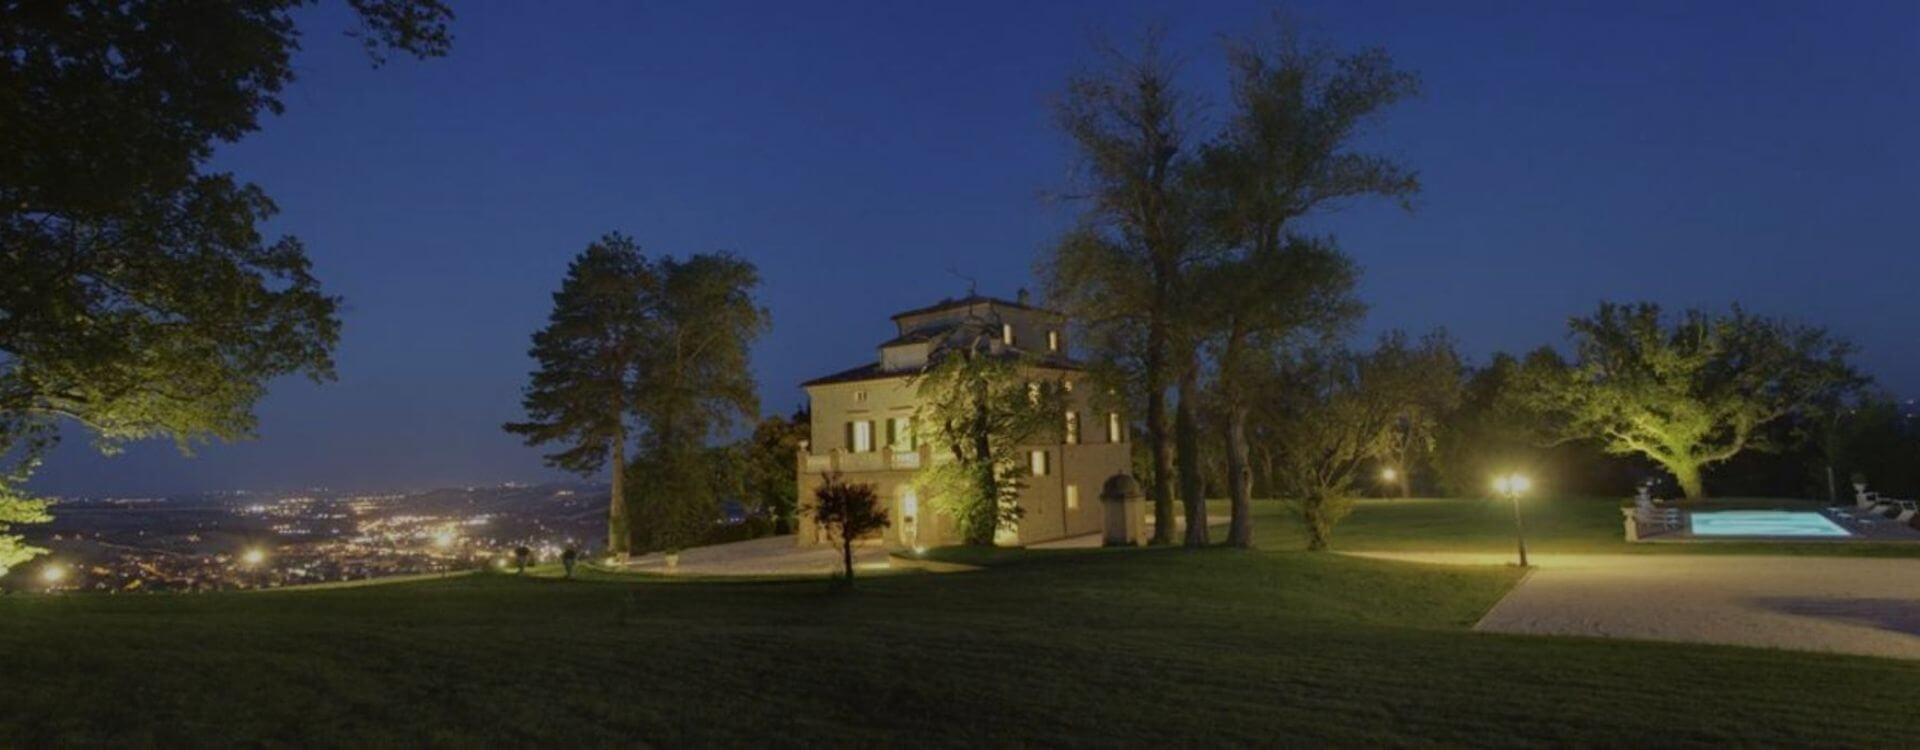 Villa Arum Lilly Nightime